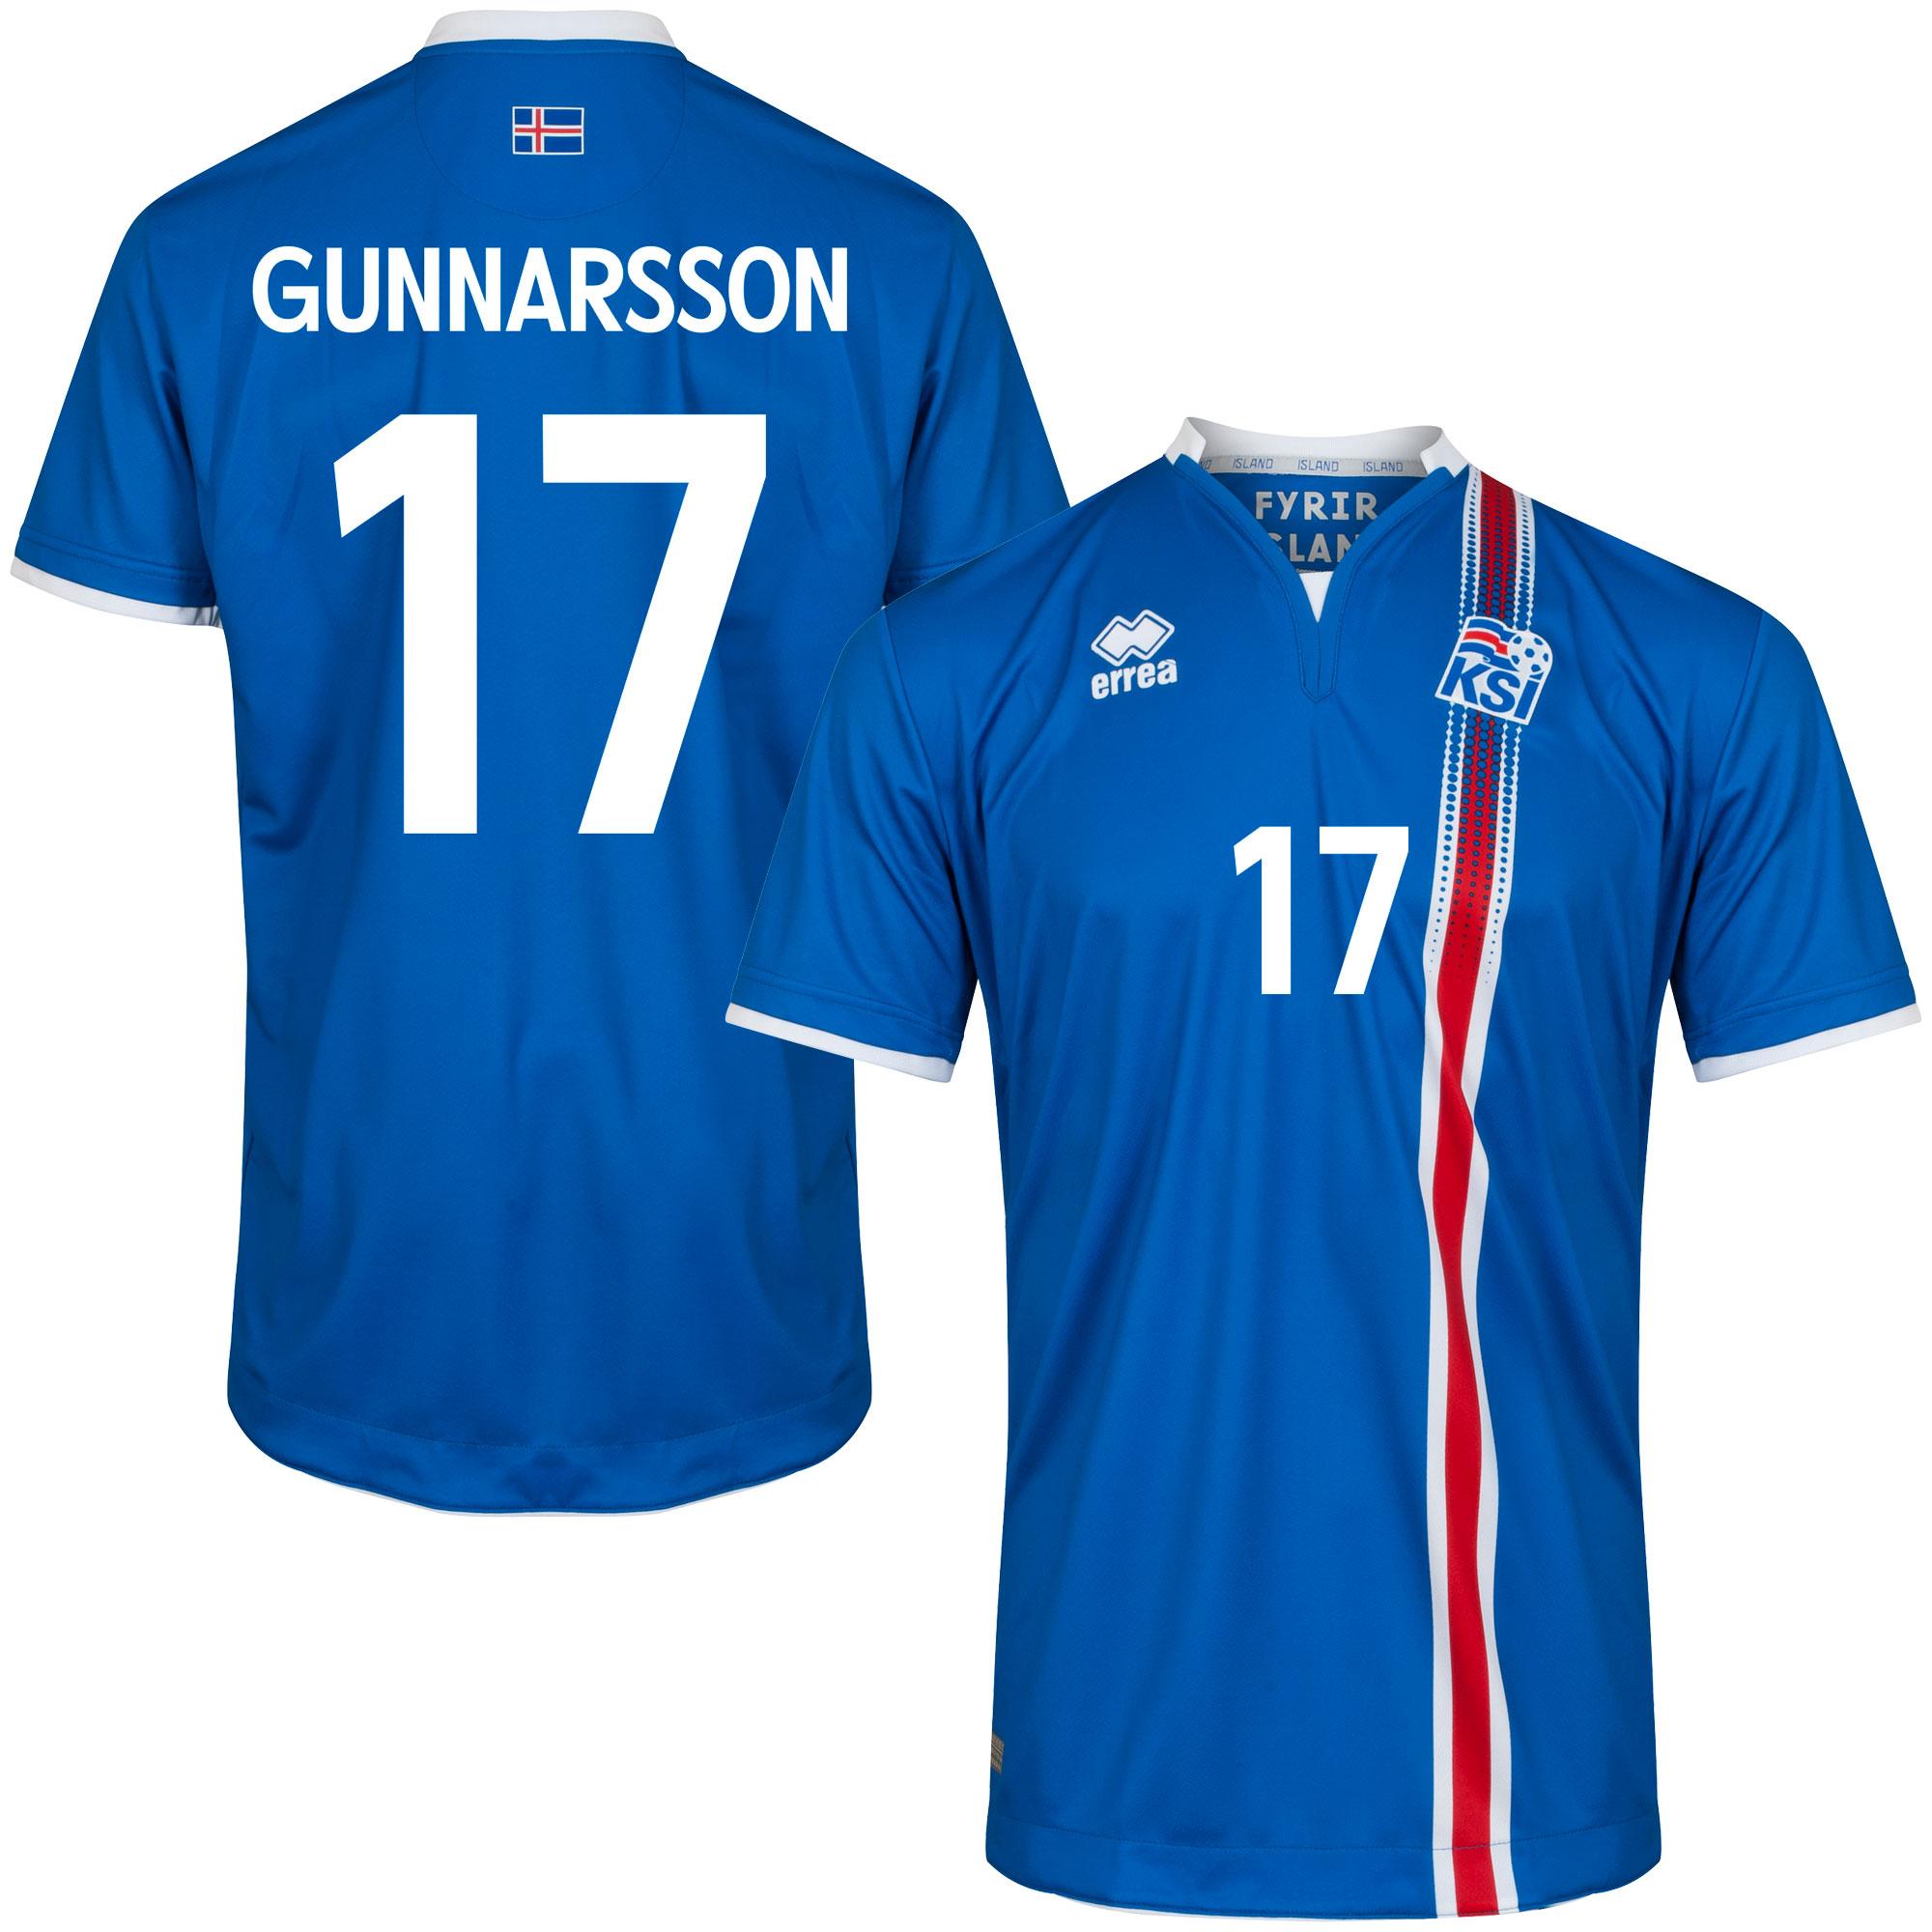 Iceland Home Gunnarsson 17 Shirt 2016 2017